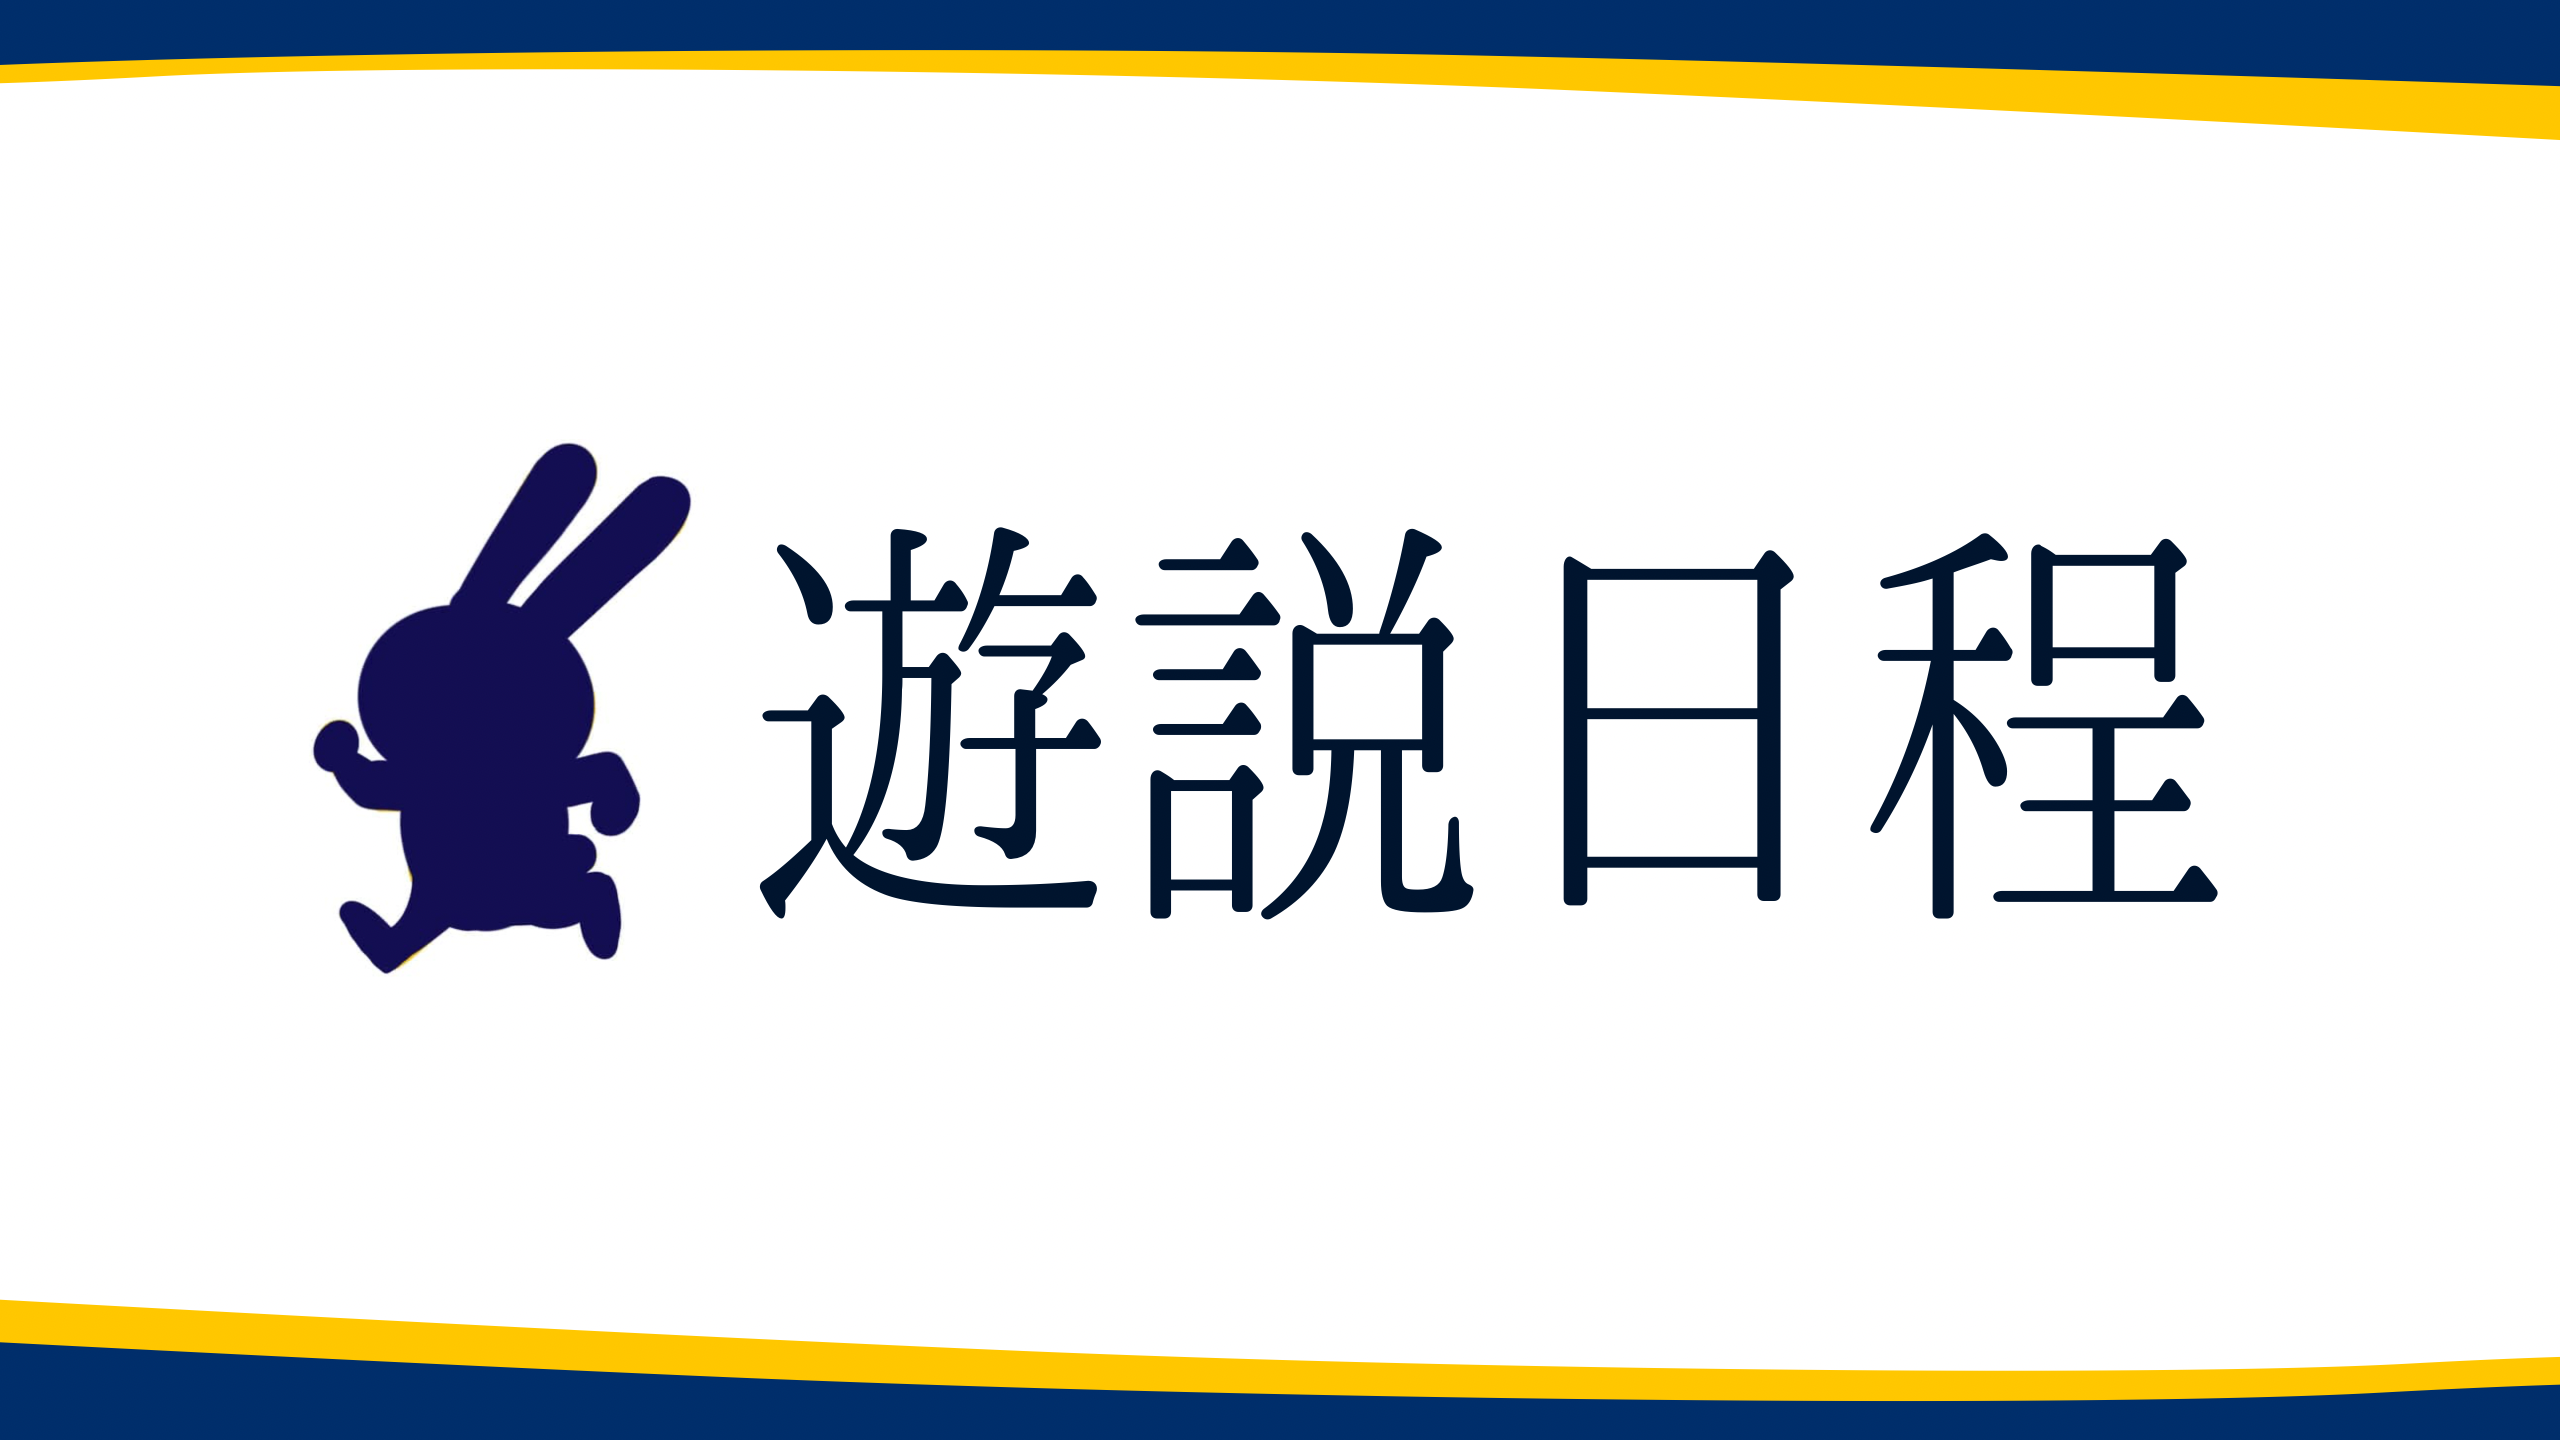 【遊説日程】10月25日(月)、26日(火)、27日(水)、/玉木代表、榛葉幹事長、大塚代表代行、前原代表代行、矢田副代表、伊藤副代表